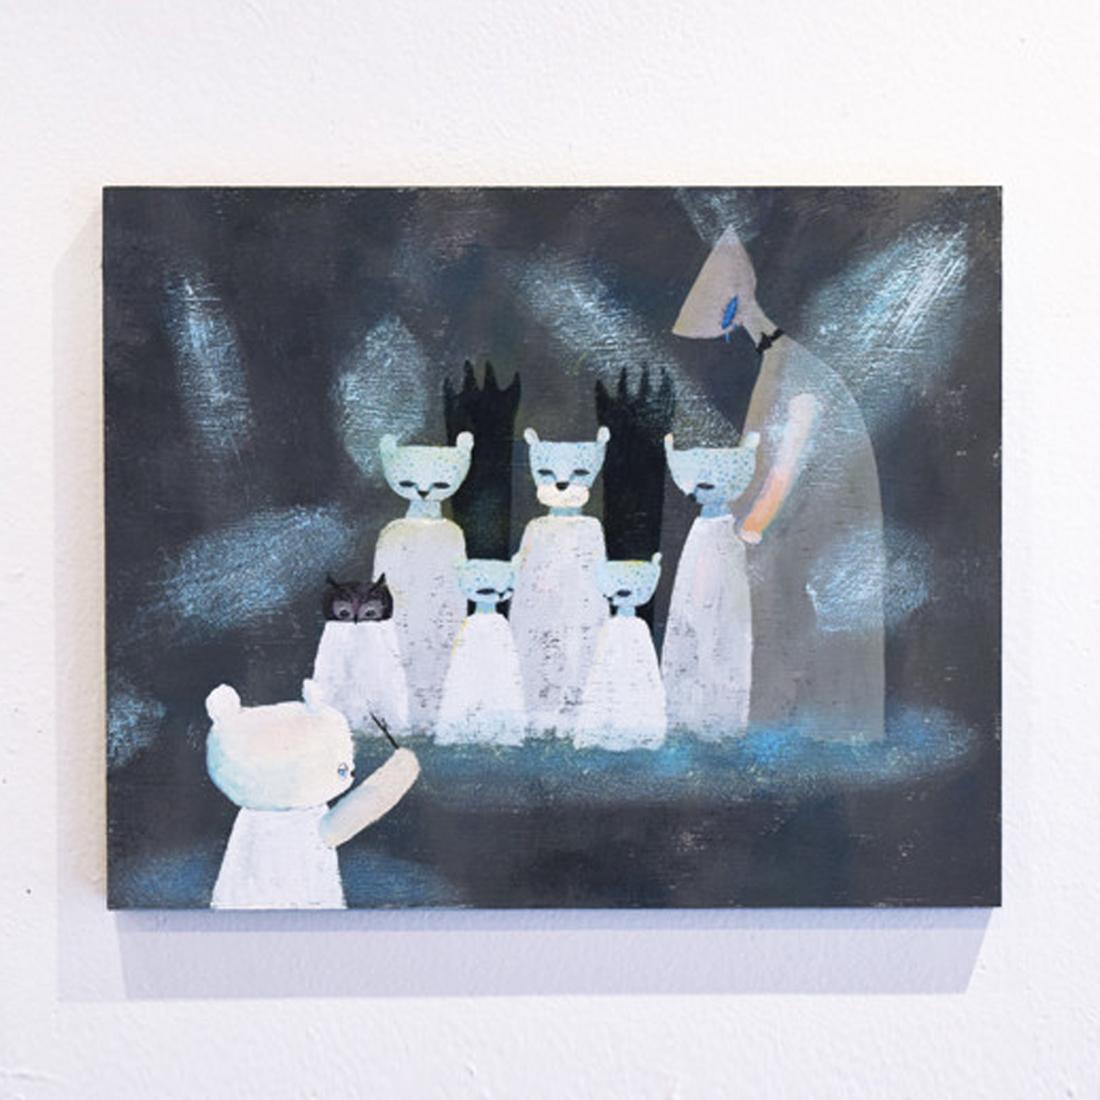 作品「カーテンコール後のフィナーレ」